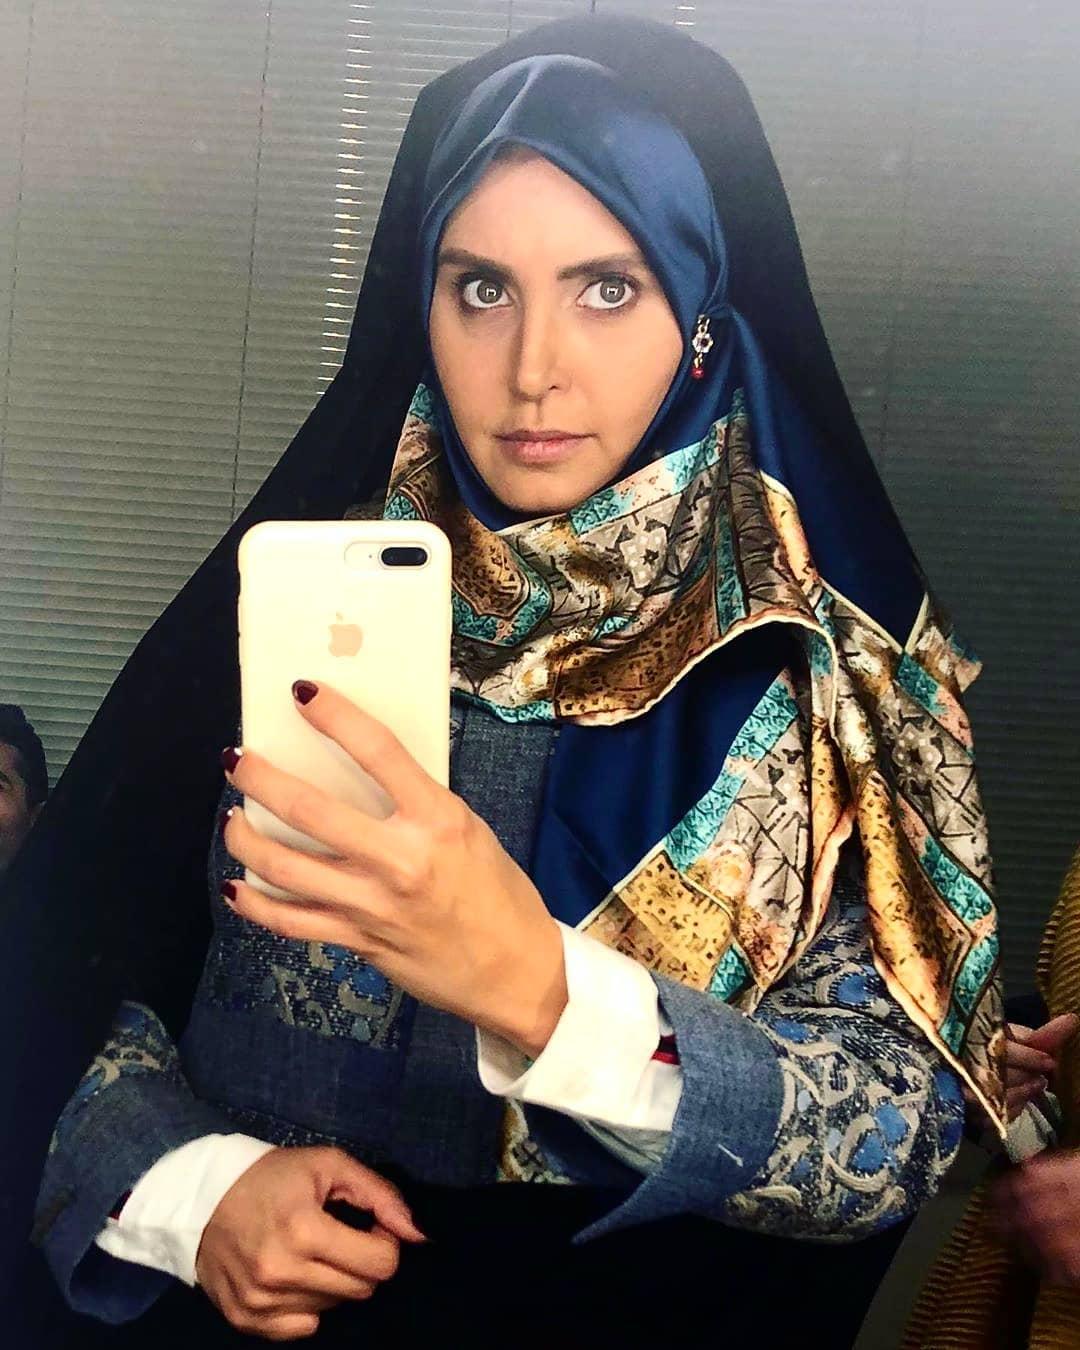 عکس دیدنی الناز شاکر دوست با حجاب